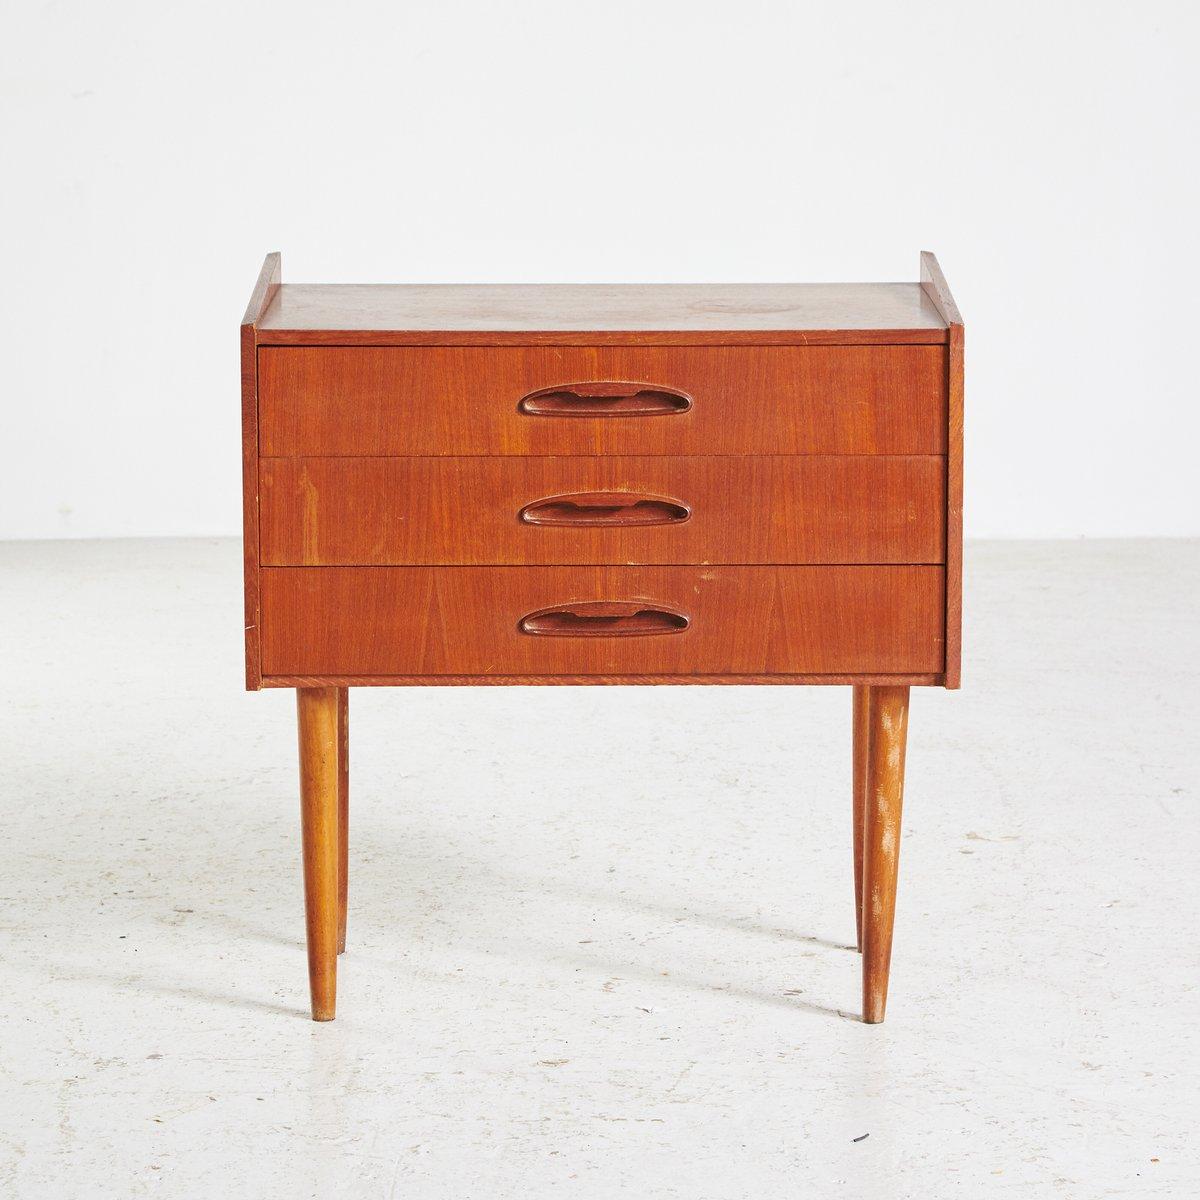 Dänischer Teak Nachttisch mit 3 Schubladen, 1960er